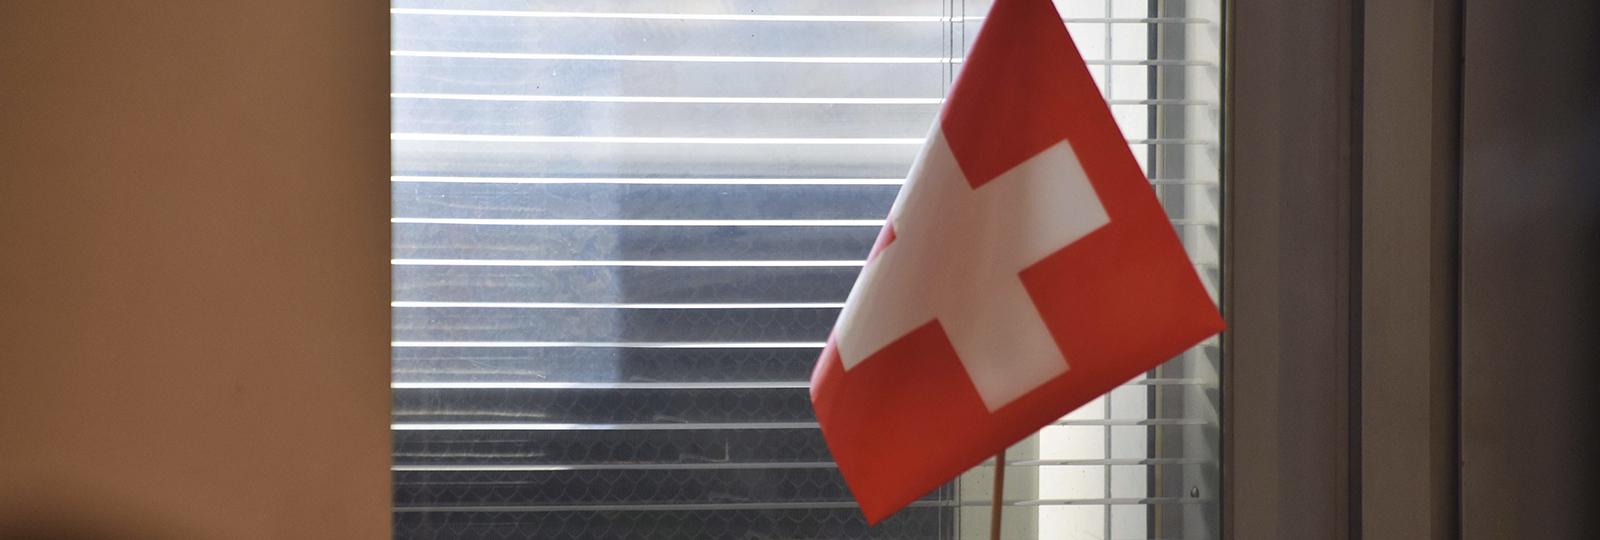 Colectividad Colectividad suiza